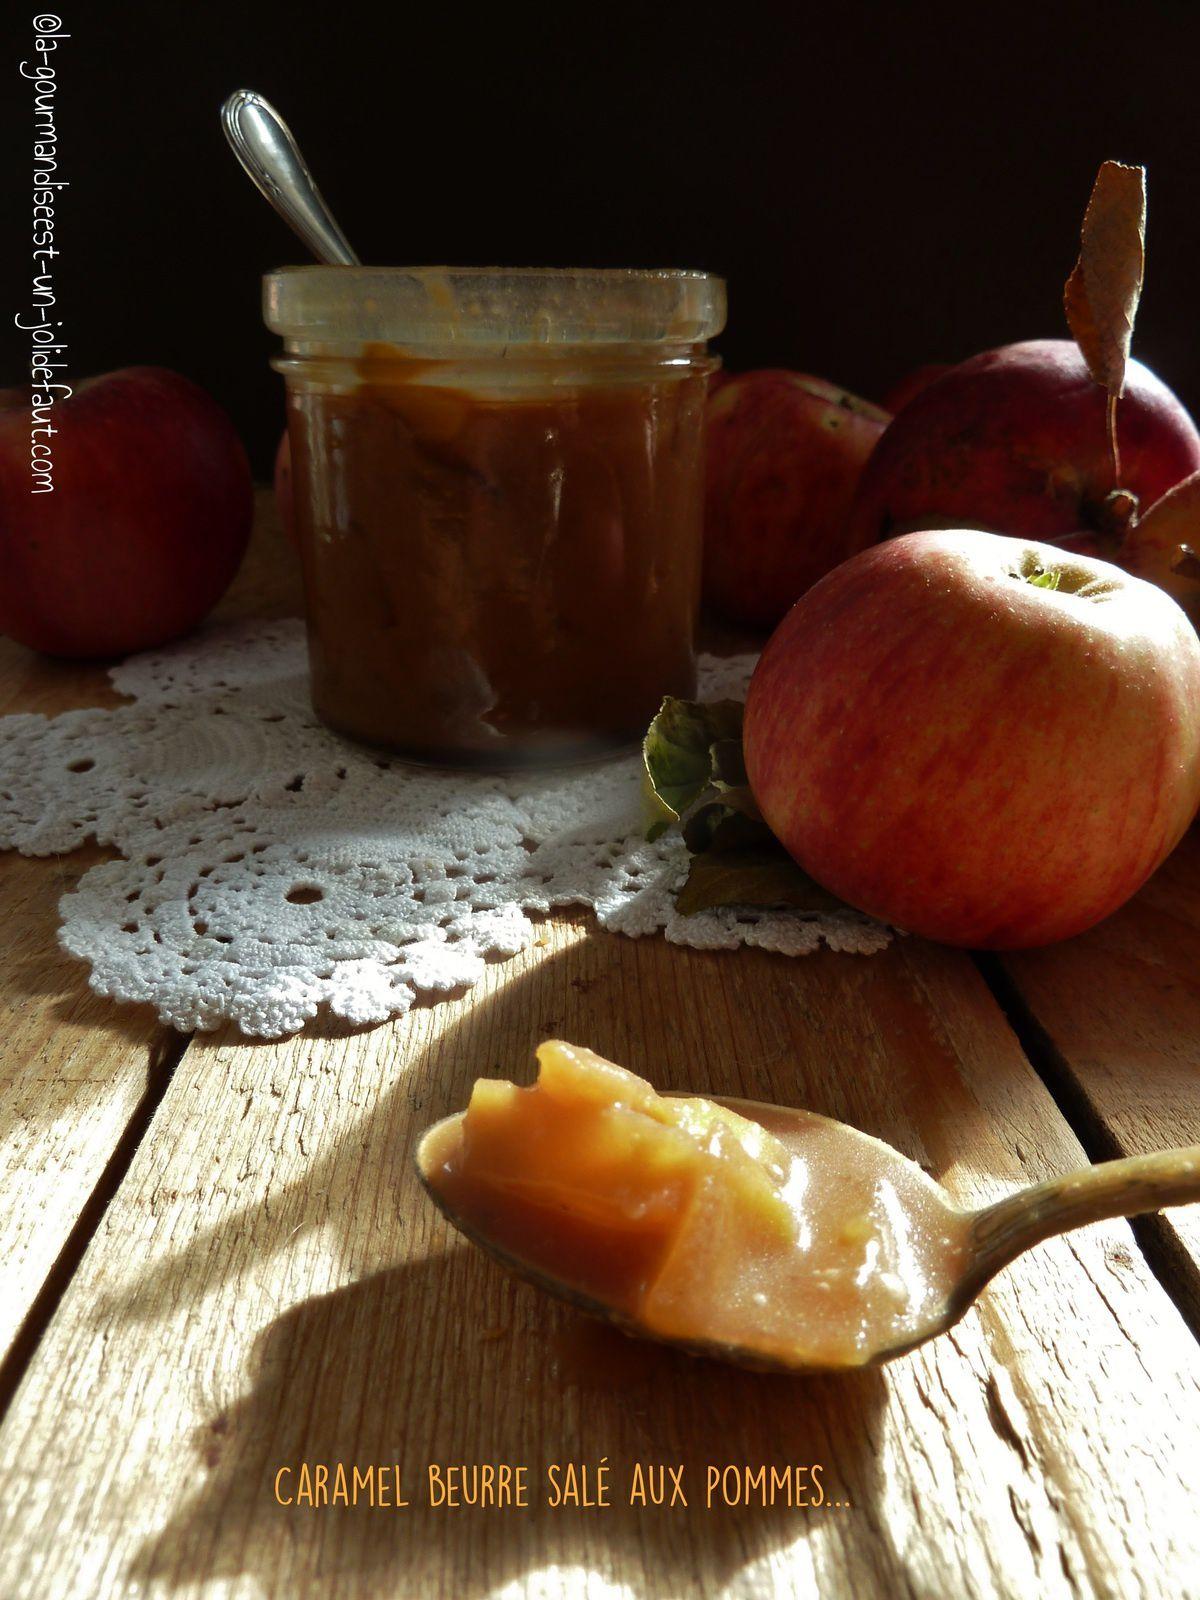 Caramel beurre salé aux pommes